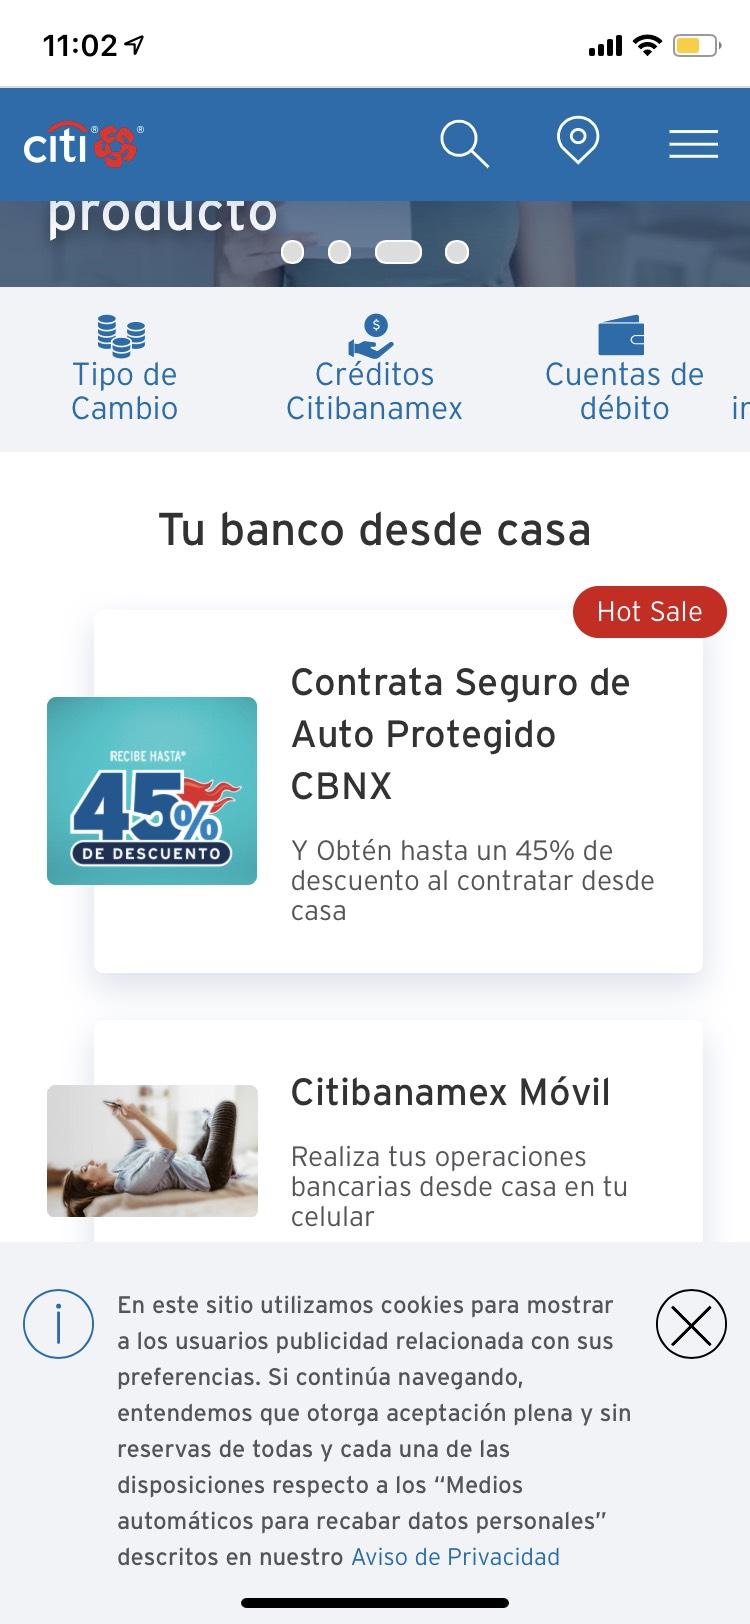 Hot Sale - Hasta 45% de descuento en seguro de auto de Banamex